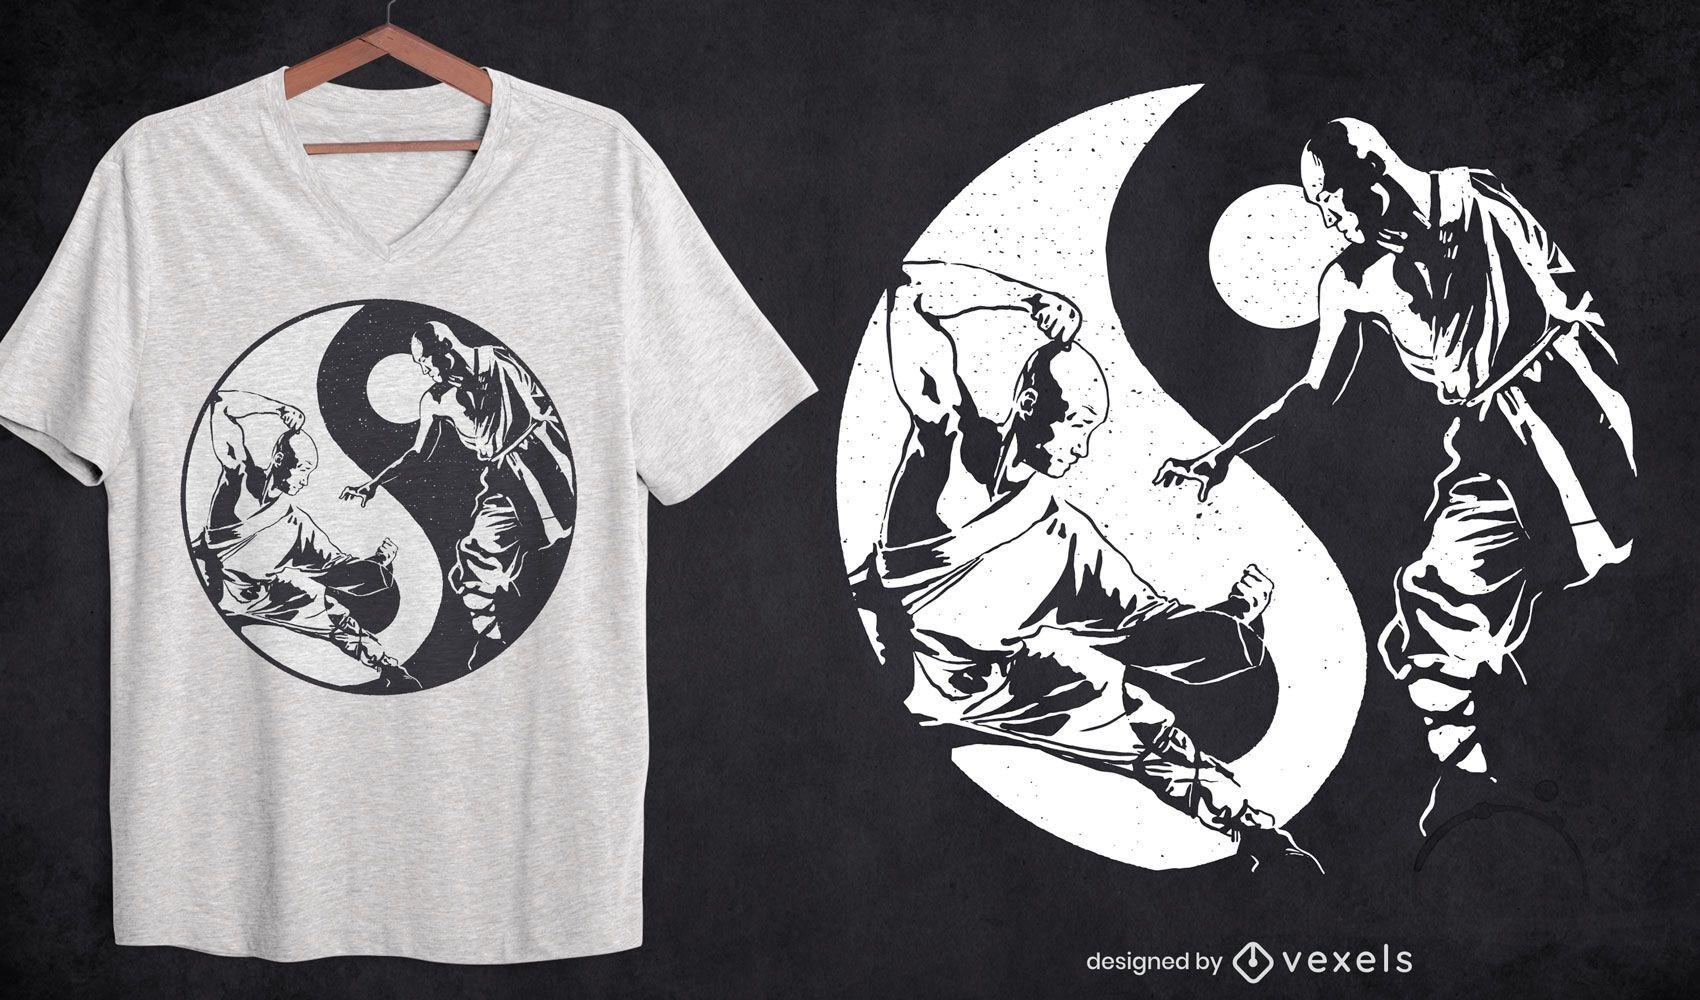 Design de camisetas esportivas de artes marciais Yin yang